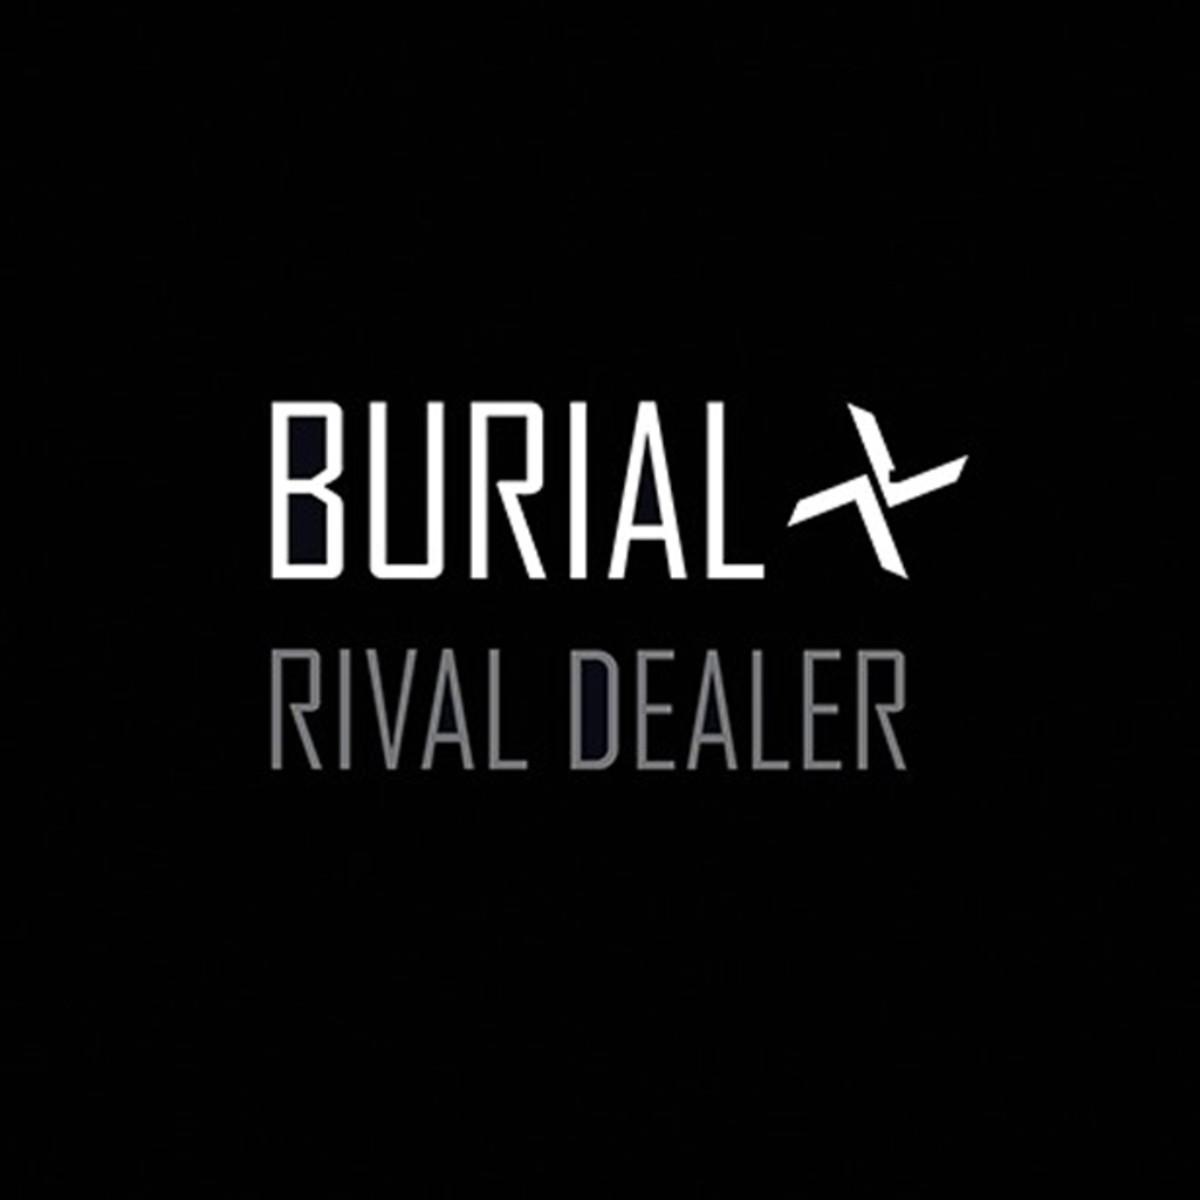 """Burial - """"Rival Dealer"""" (TALKTOME's Trans Club Mix) - EDM Download"""